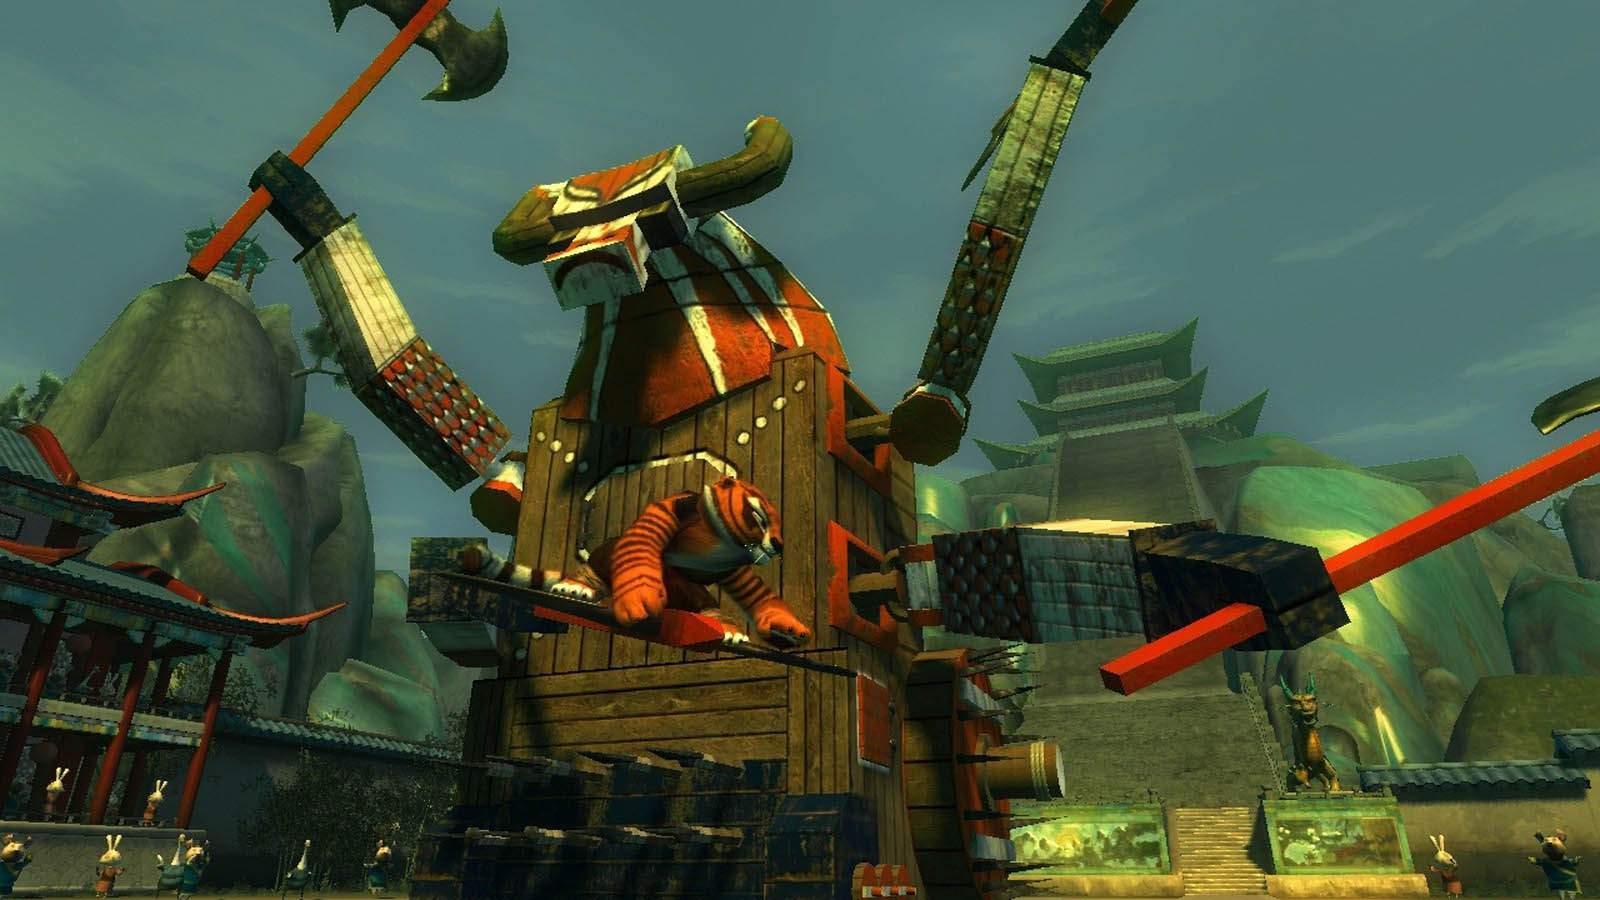 تحميل لعبة Kung Fu Panda مضغوطة برابط واحد مباشر كاملة مجانا